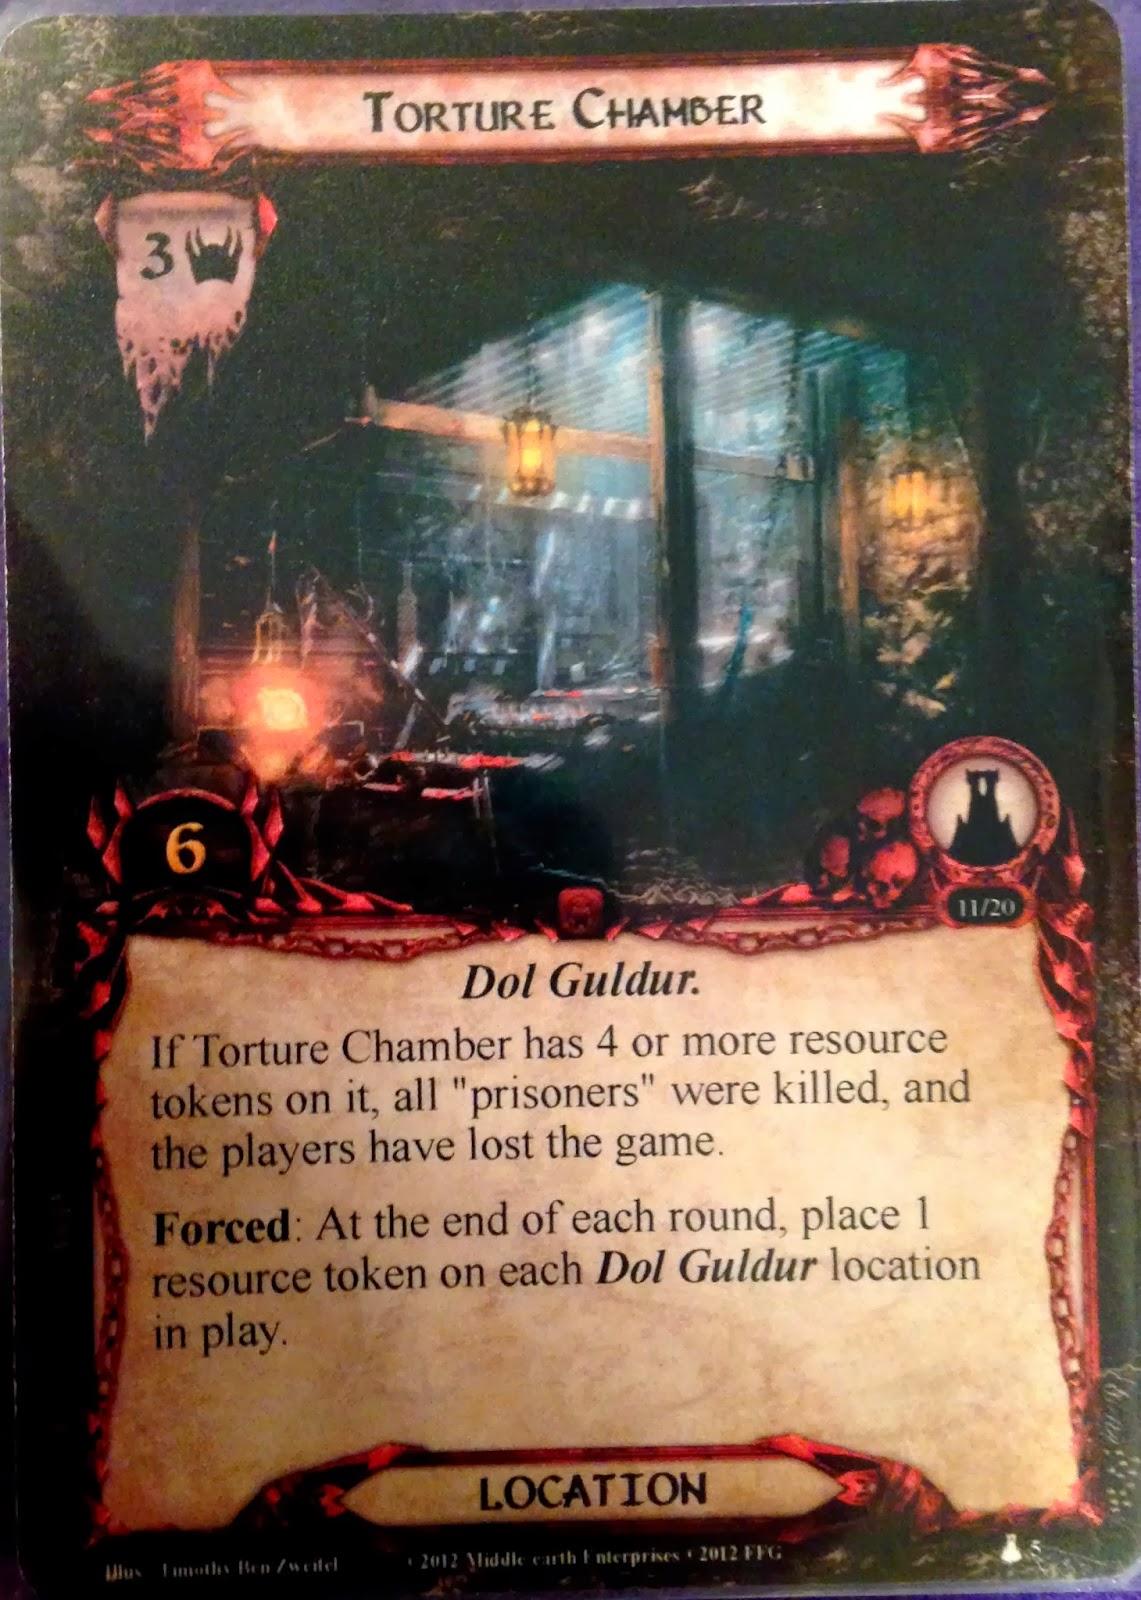 [Cauchemar - Évasion de Dol Guldur] Discussion générale - Page 2 IMG_0535